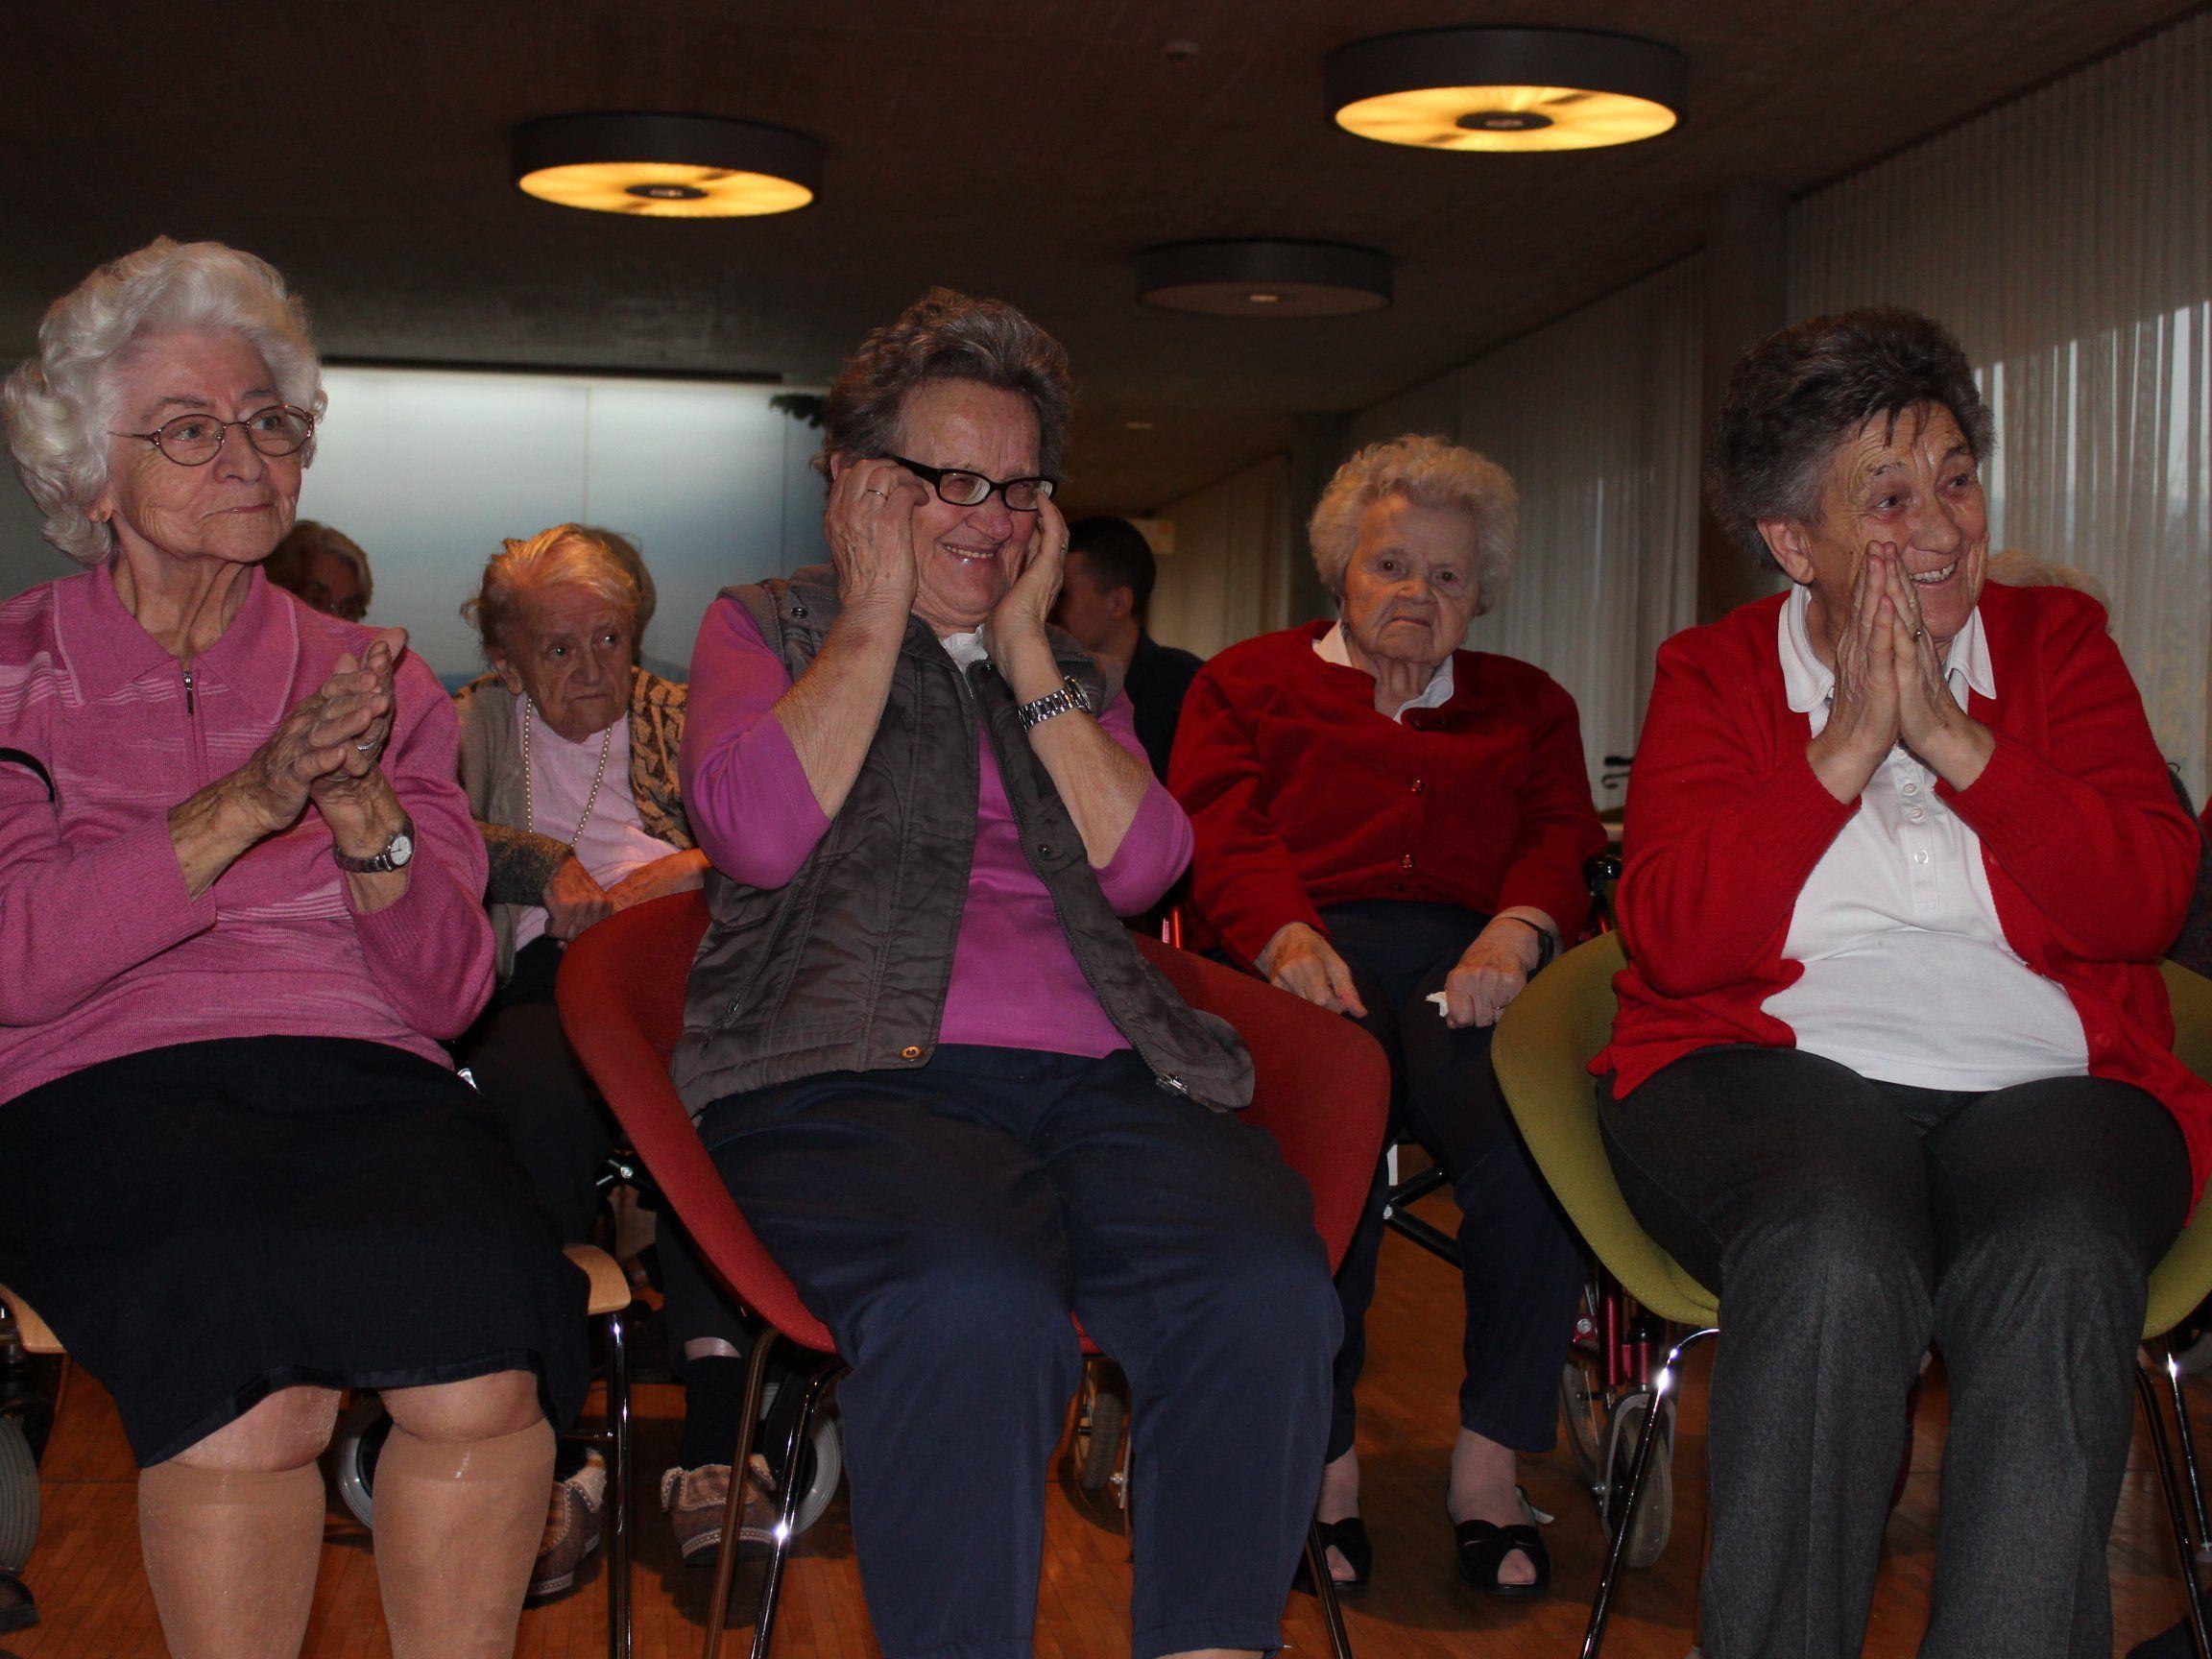 Das Projekt soll das Wohlbefinden der SeniorInnen sowie ihre körperliche und geistige Fitness fördern.